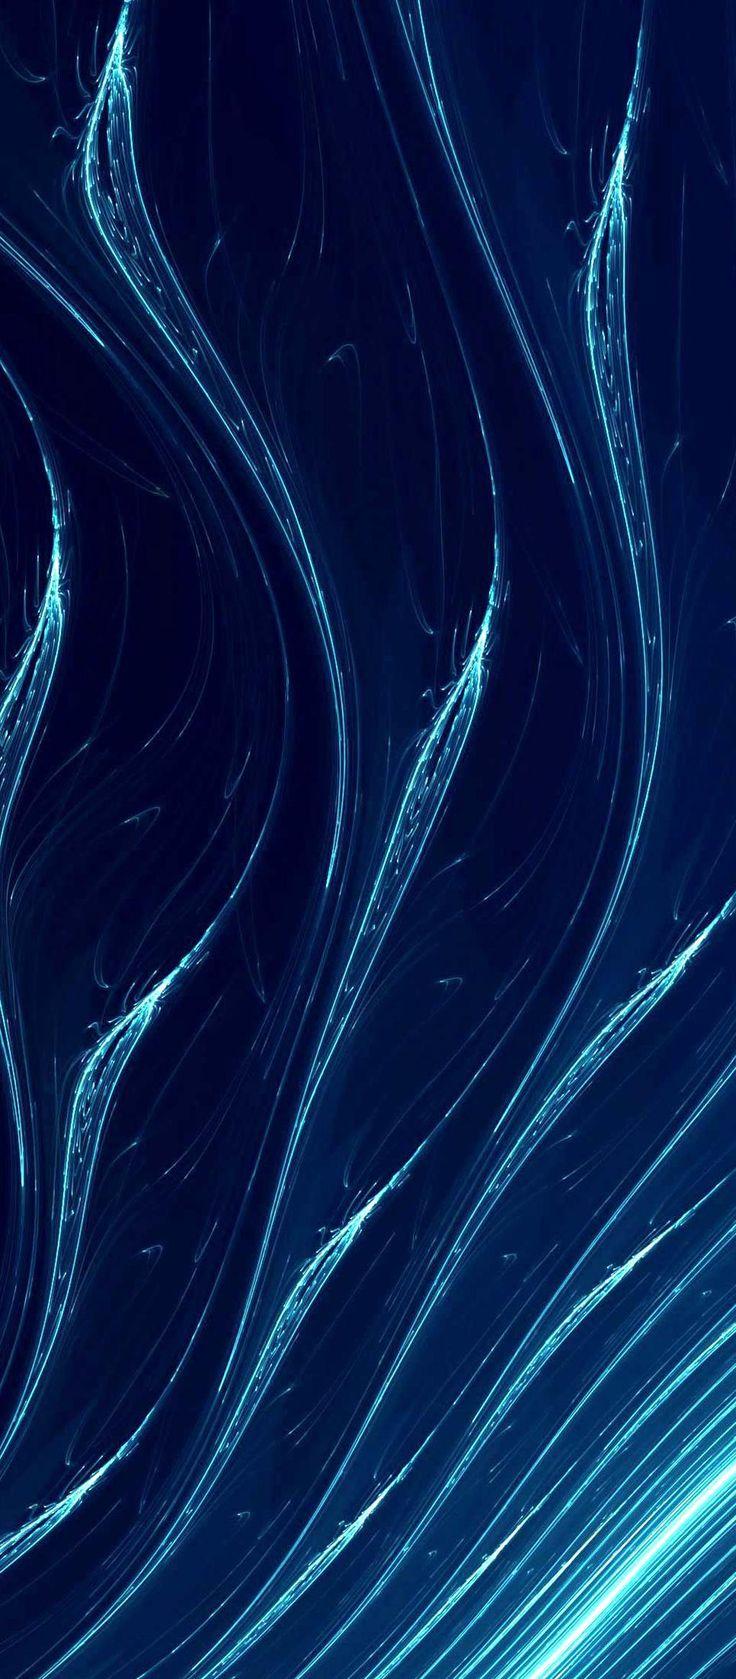 Iphone X Wallpaper Blue waves hd k HdIphone X Wallpaper